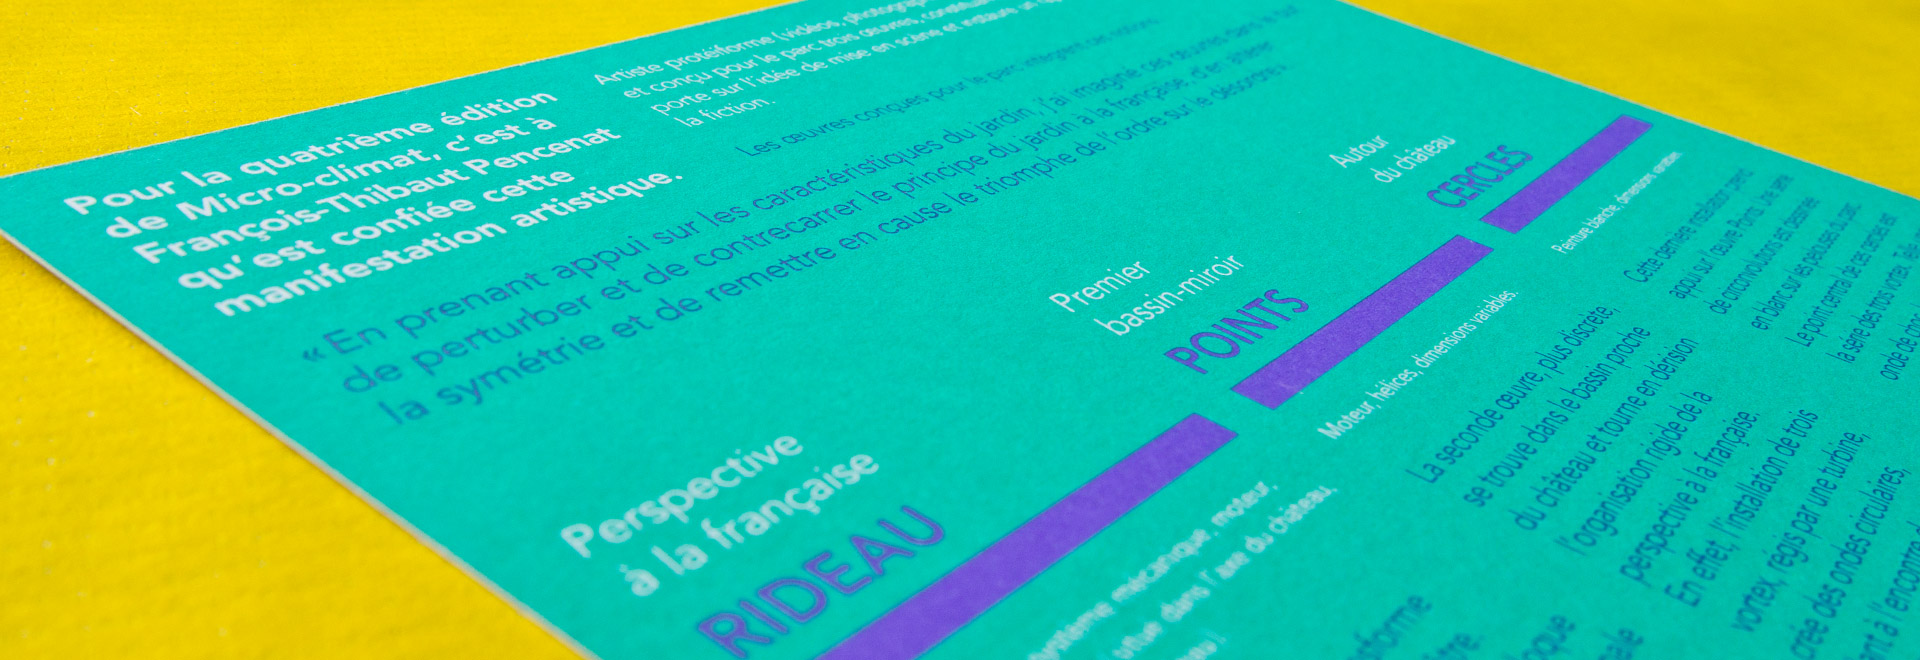 Micro-climat-2012-Parc-Culturel-Rentilly-Carton-graphique-3